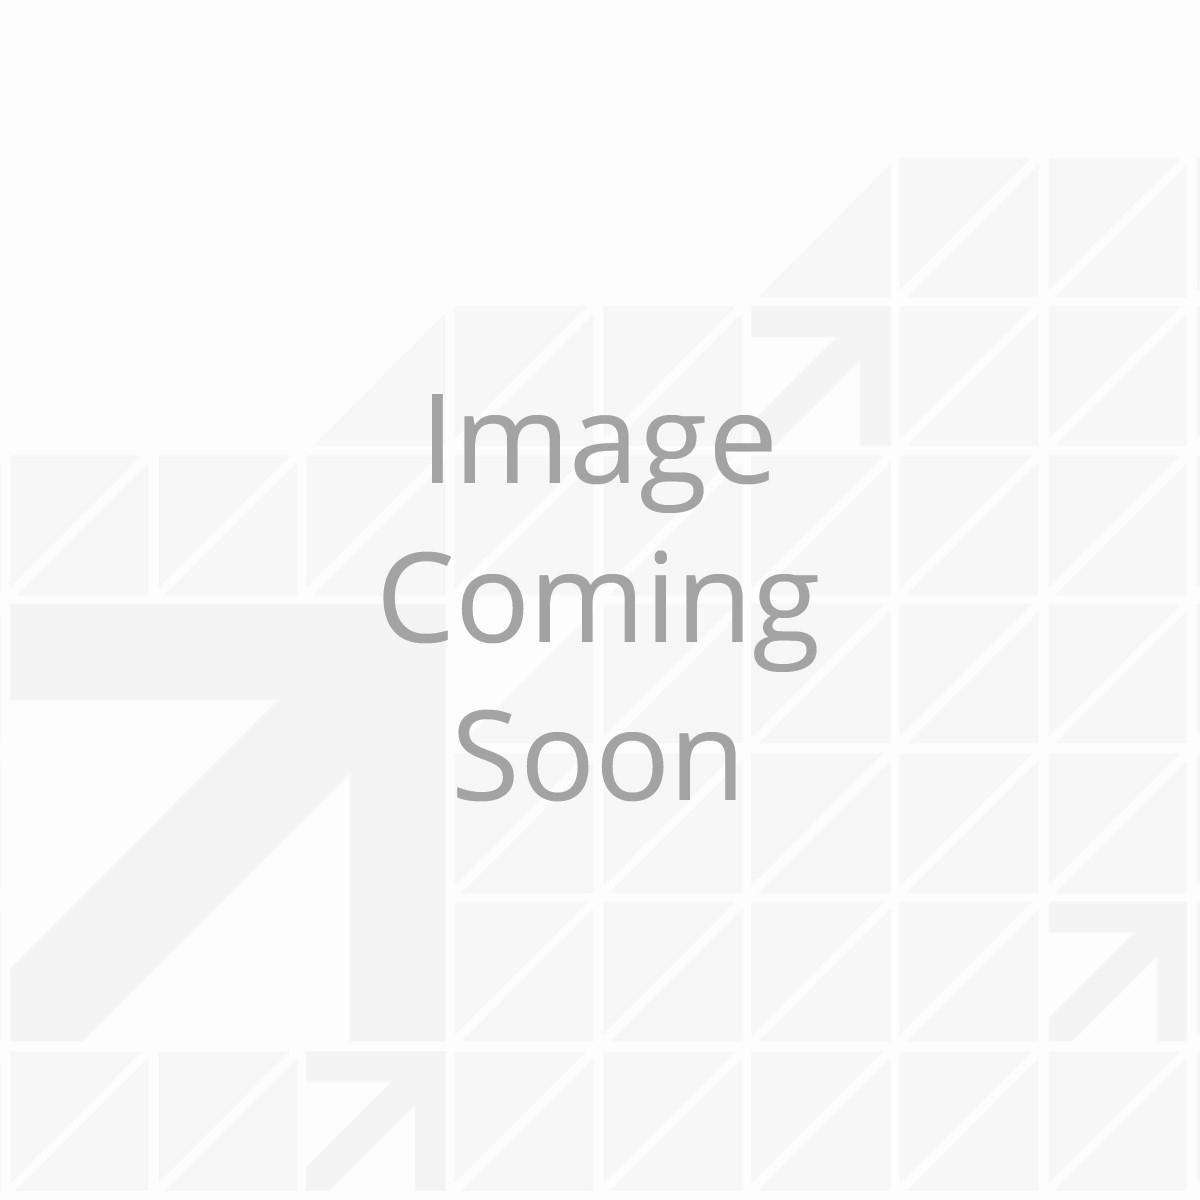 Override Plug for Smart Jack™ - 2 Pack